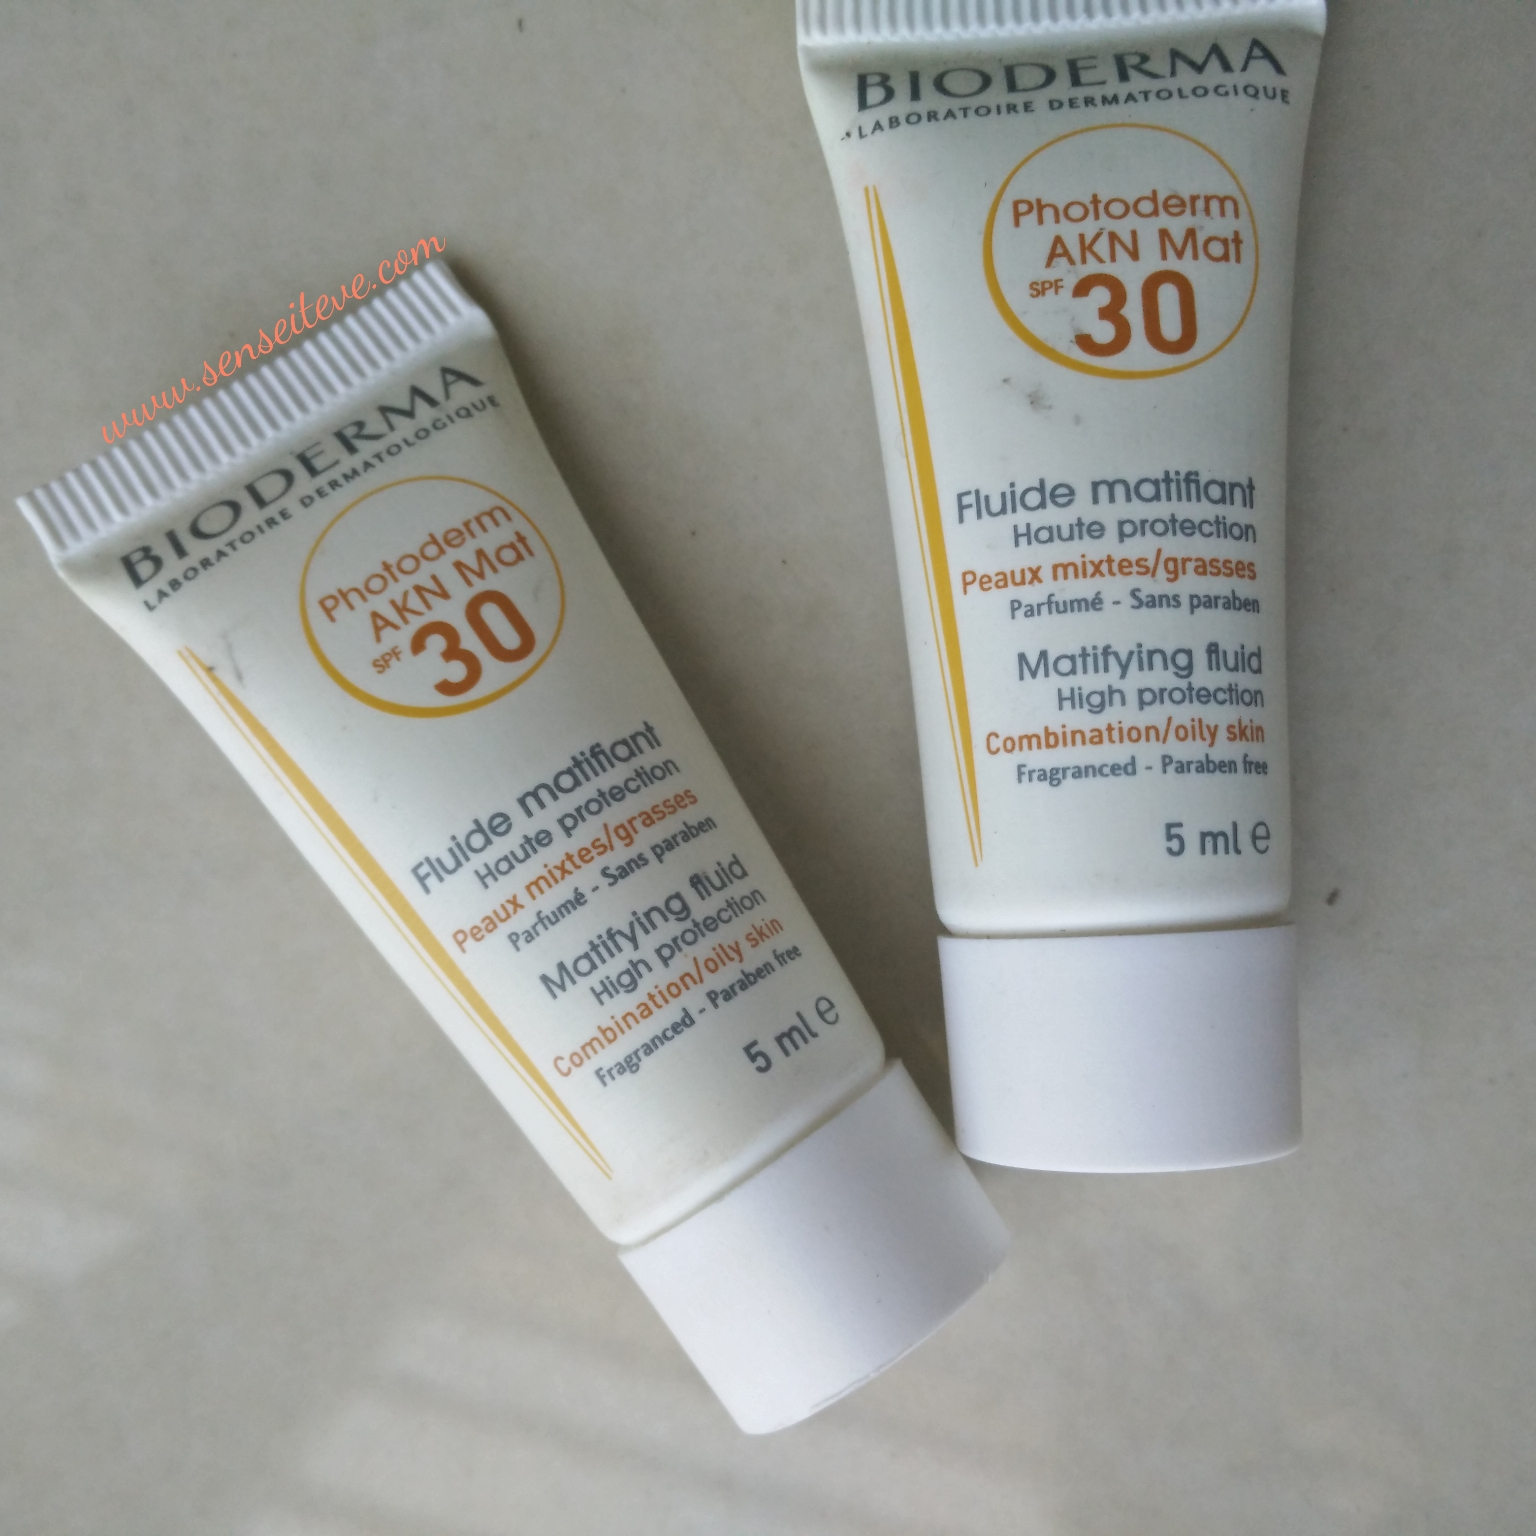 Bioderma Photoderm AKN Mat Sunscreen SPF 30 Review